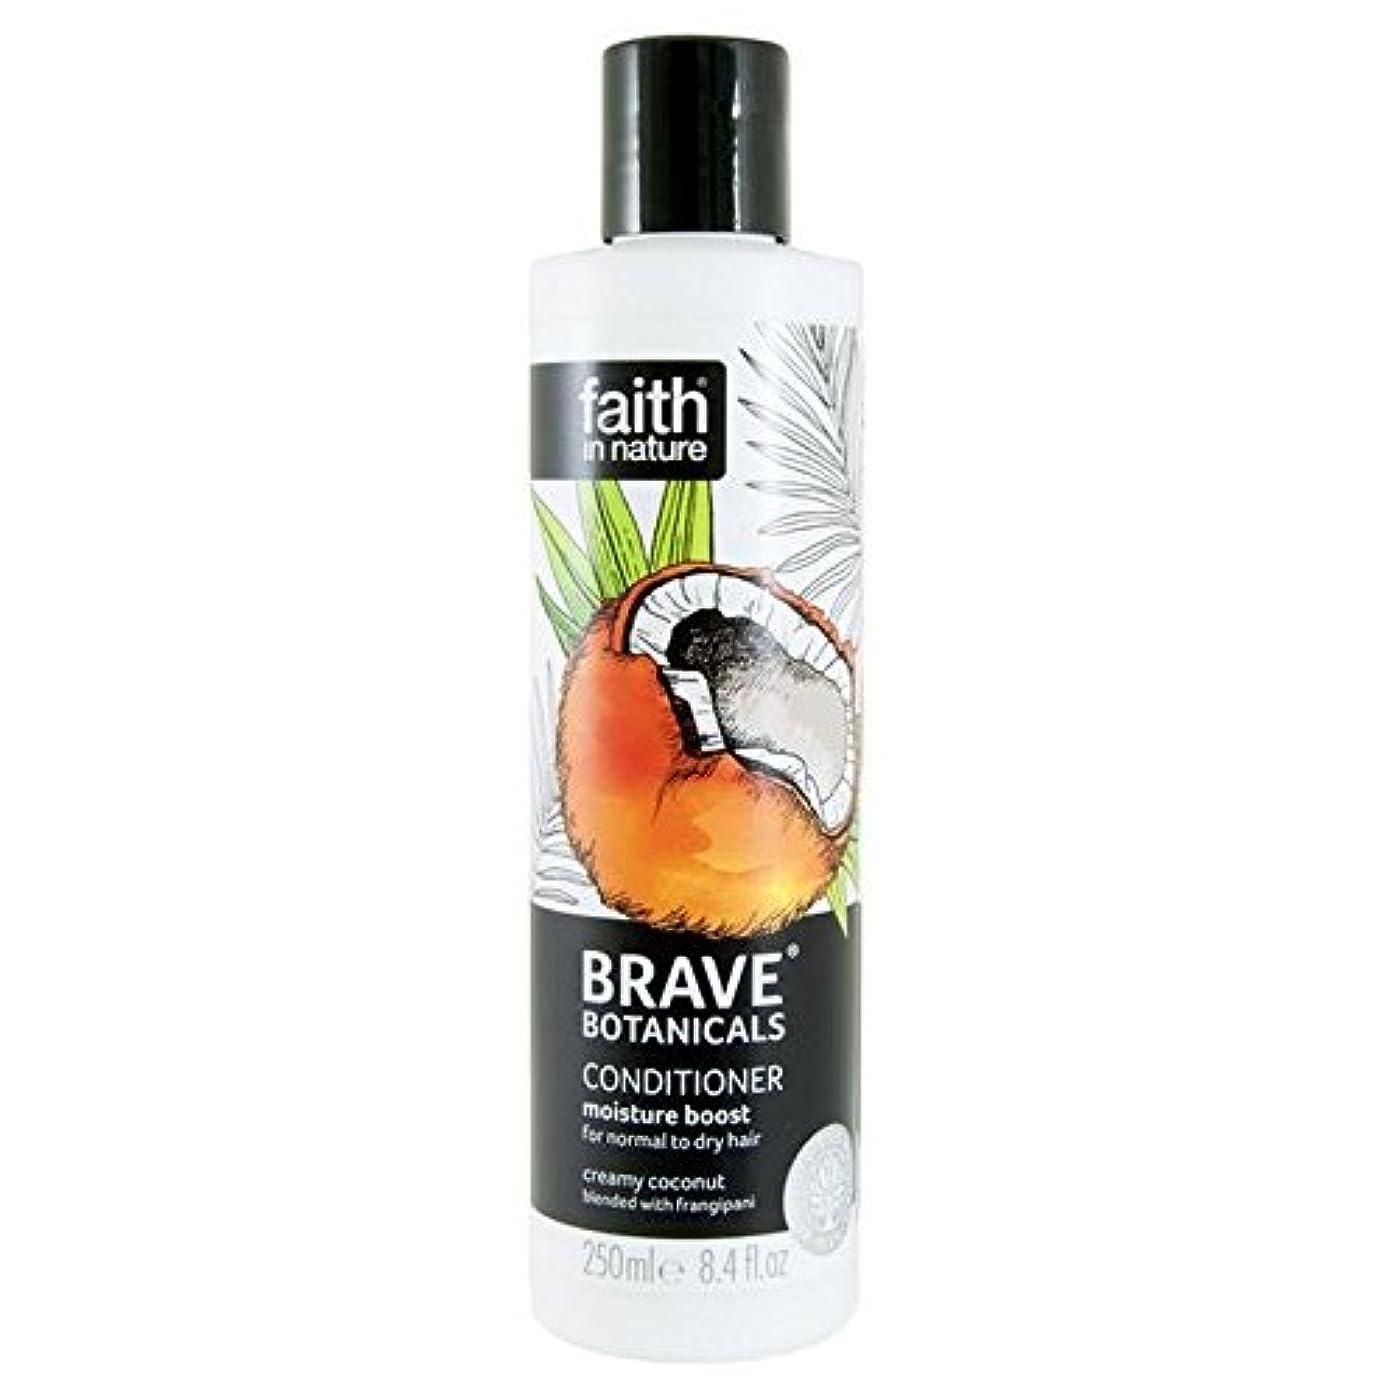 囚人城接続詞Brave Botanicals Coconut & Frangipani Moisture Boost Conditioner 250ml (Pack of 2) - (Faith In Nature) 勇敢な植物ココナッツ...